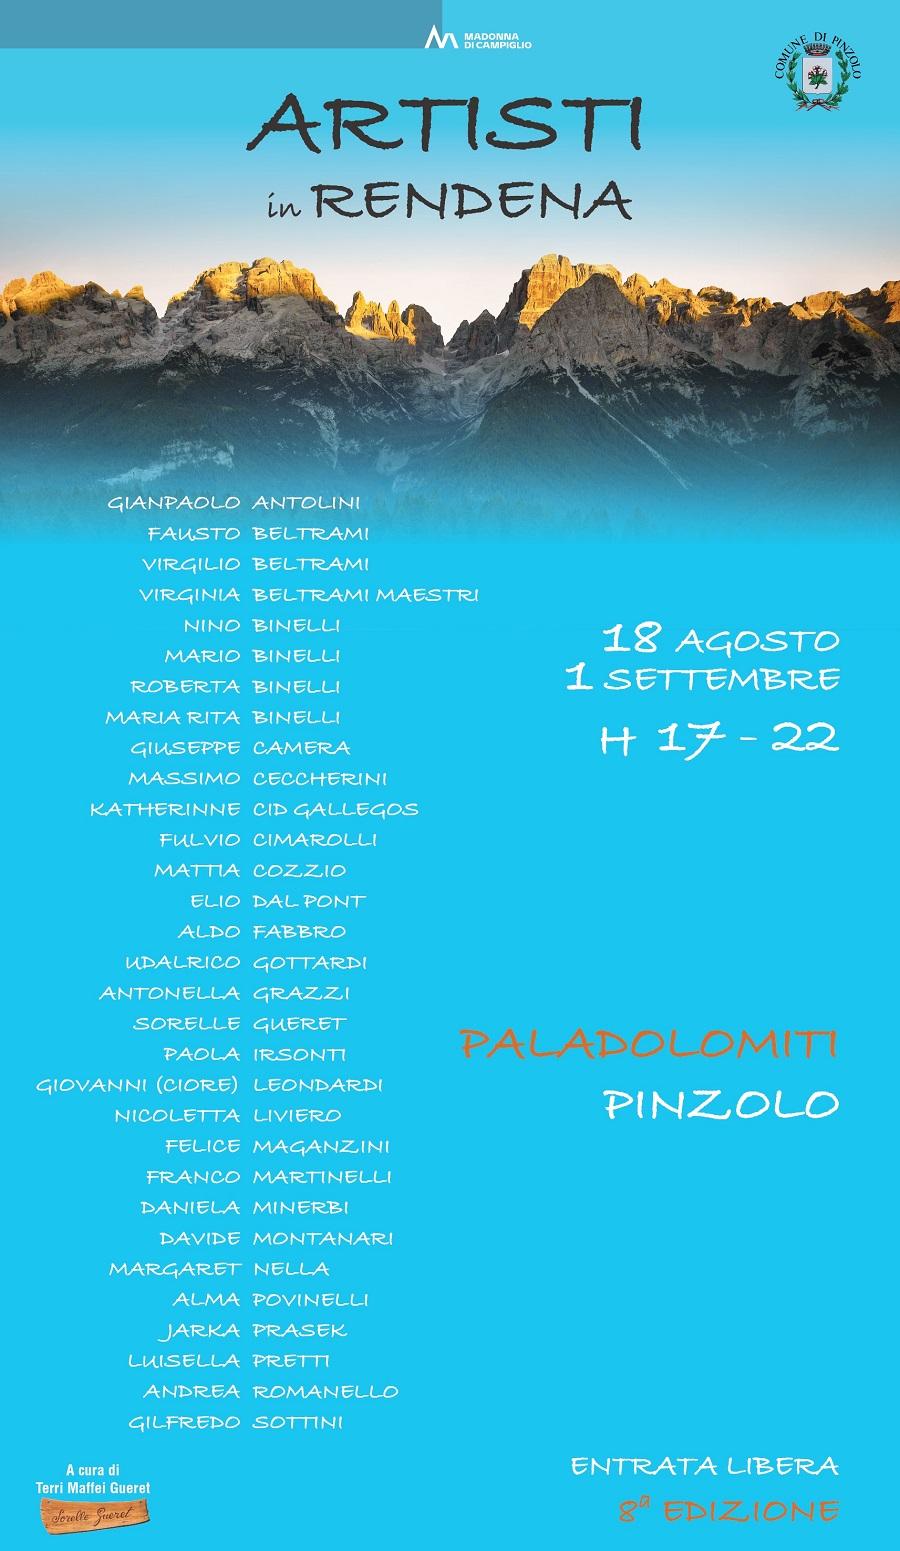 PalaDolomiti, dal 18 agosto al 1 settembre: Artisti in Rendena